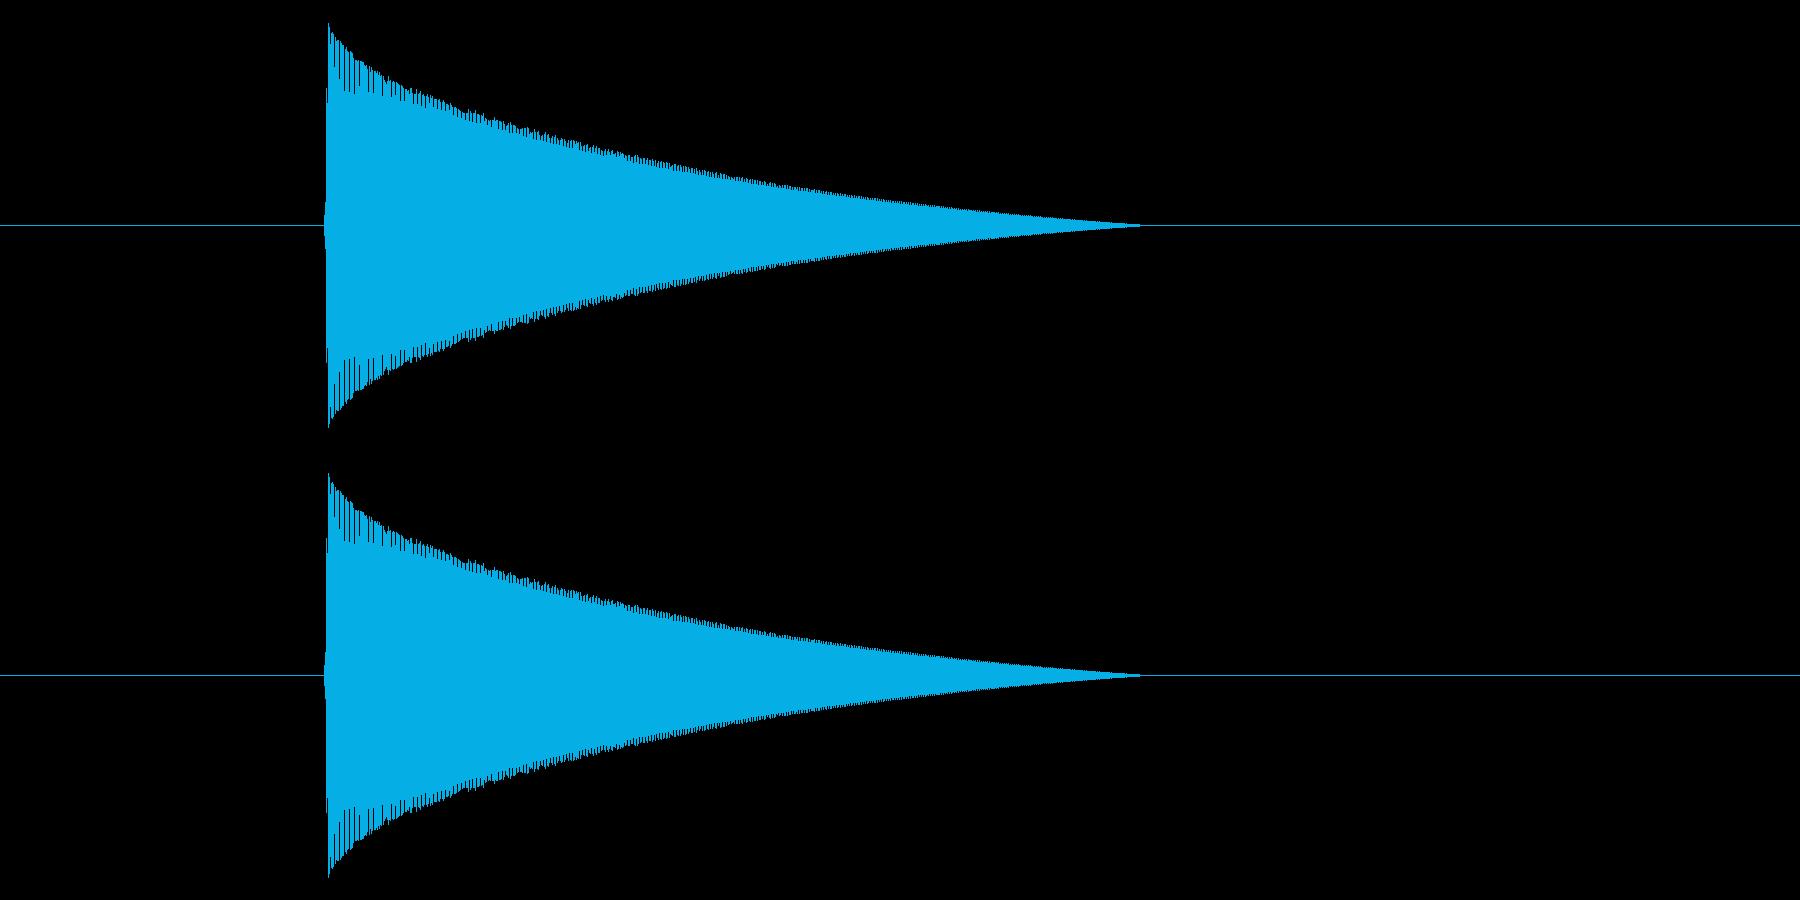 ファミコン風_ピューン_弾を打つ音1の再生済みの波形